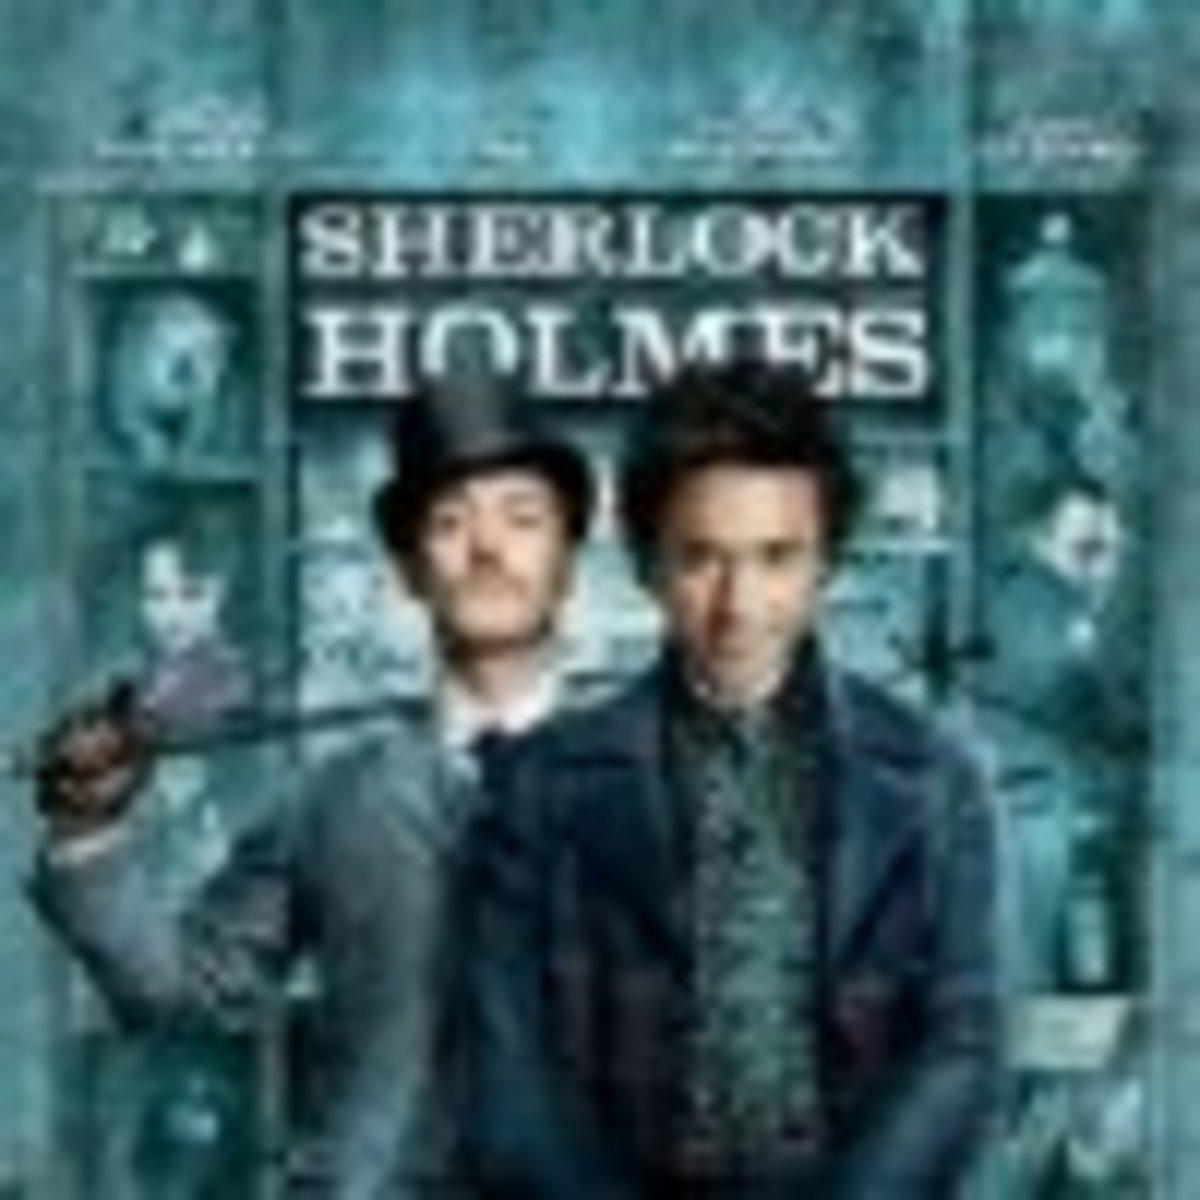 photo credit: imdb.com